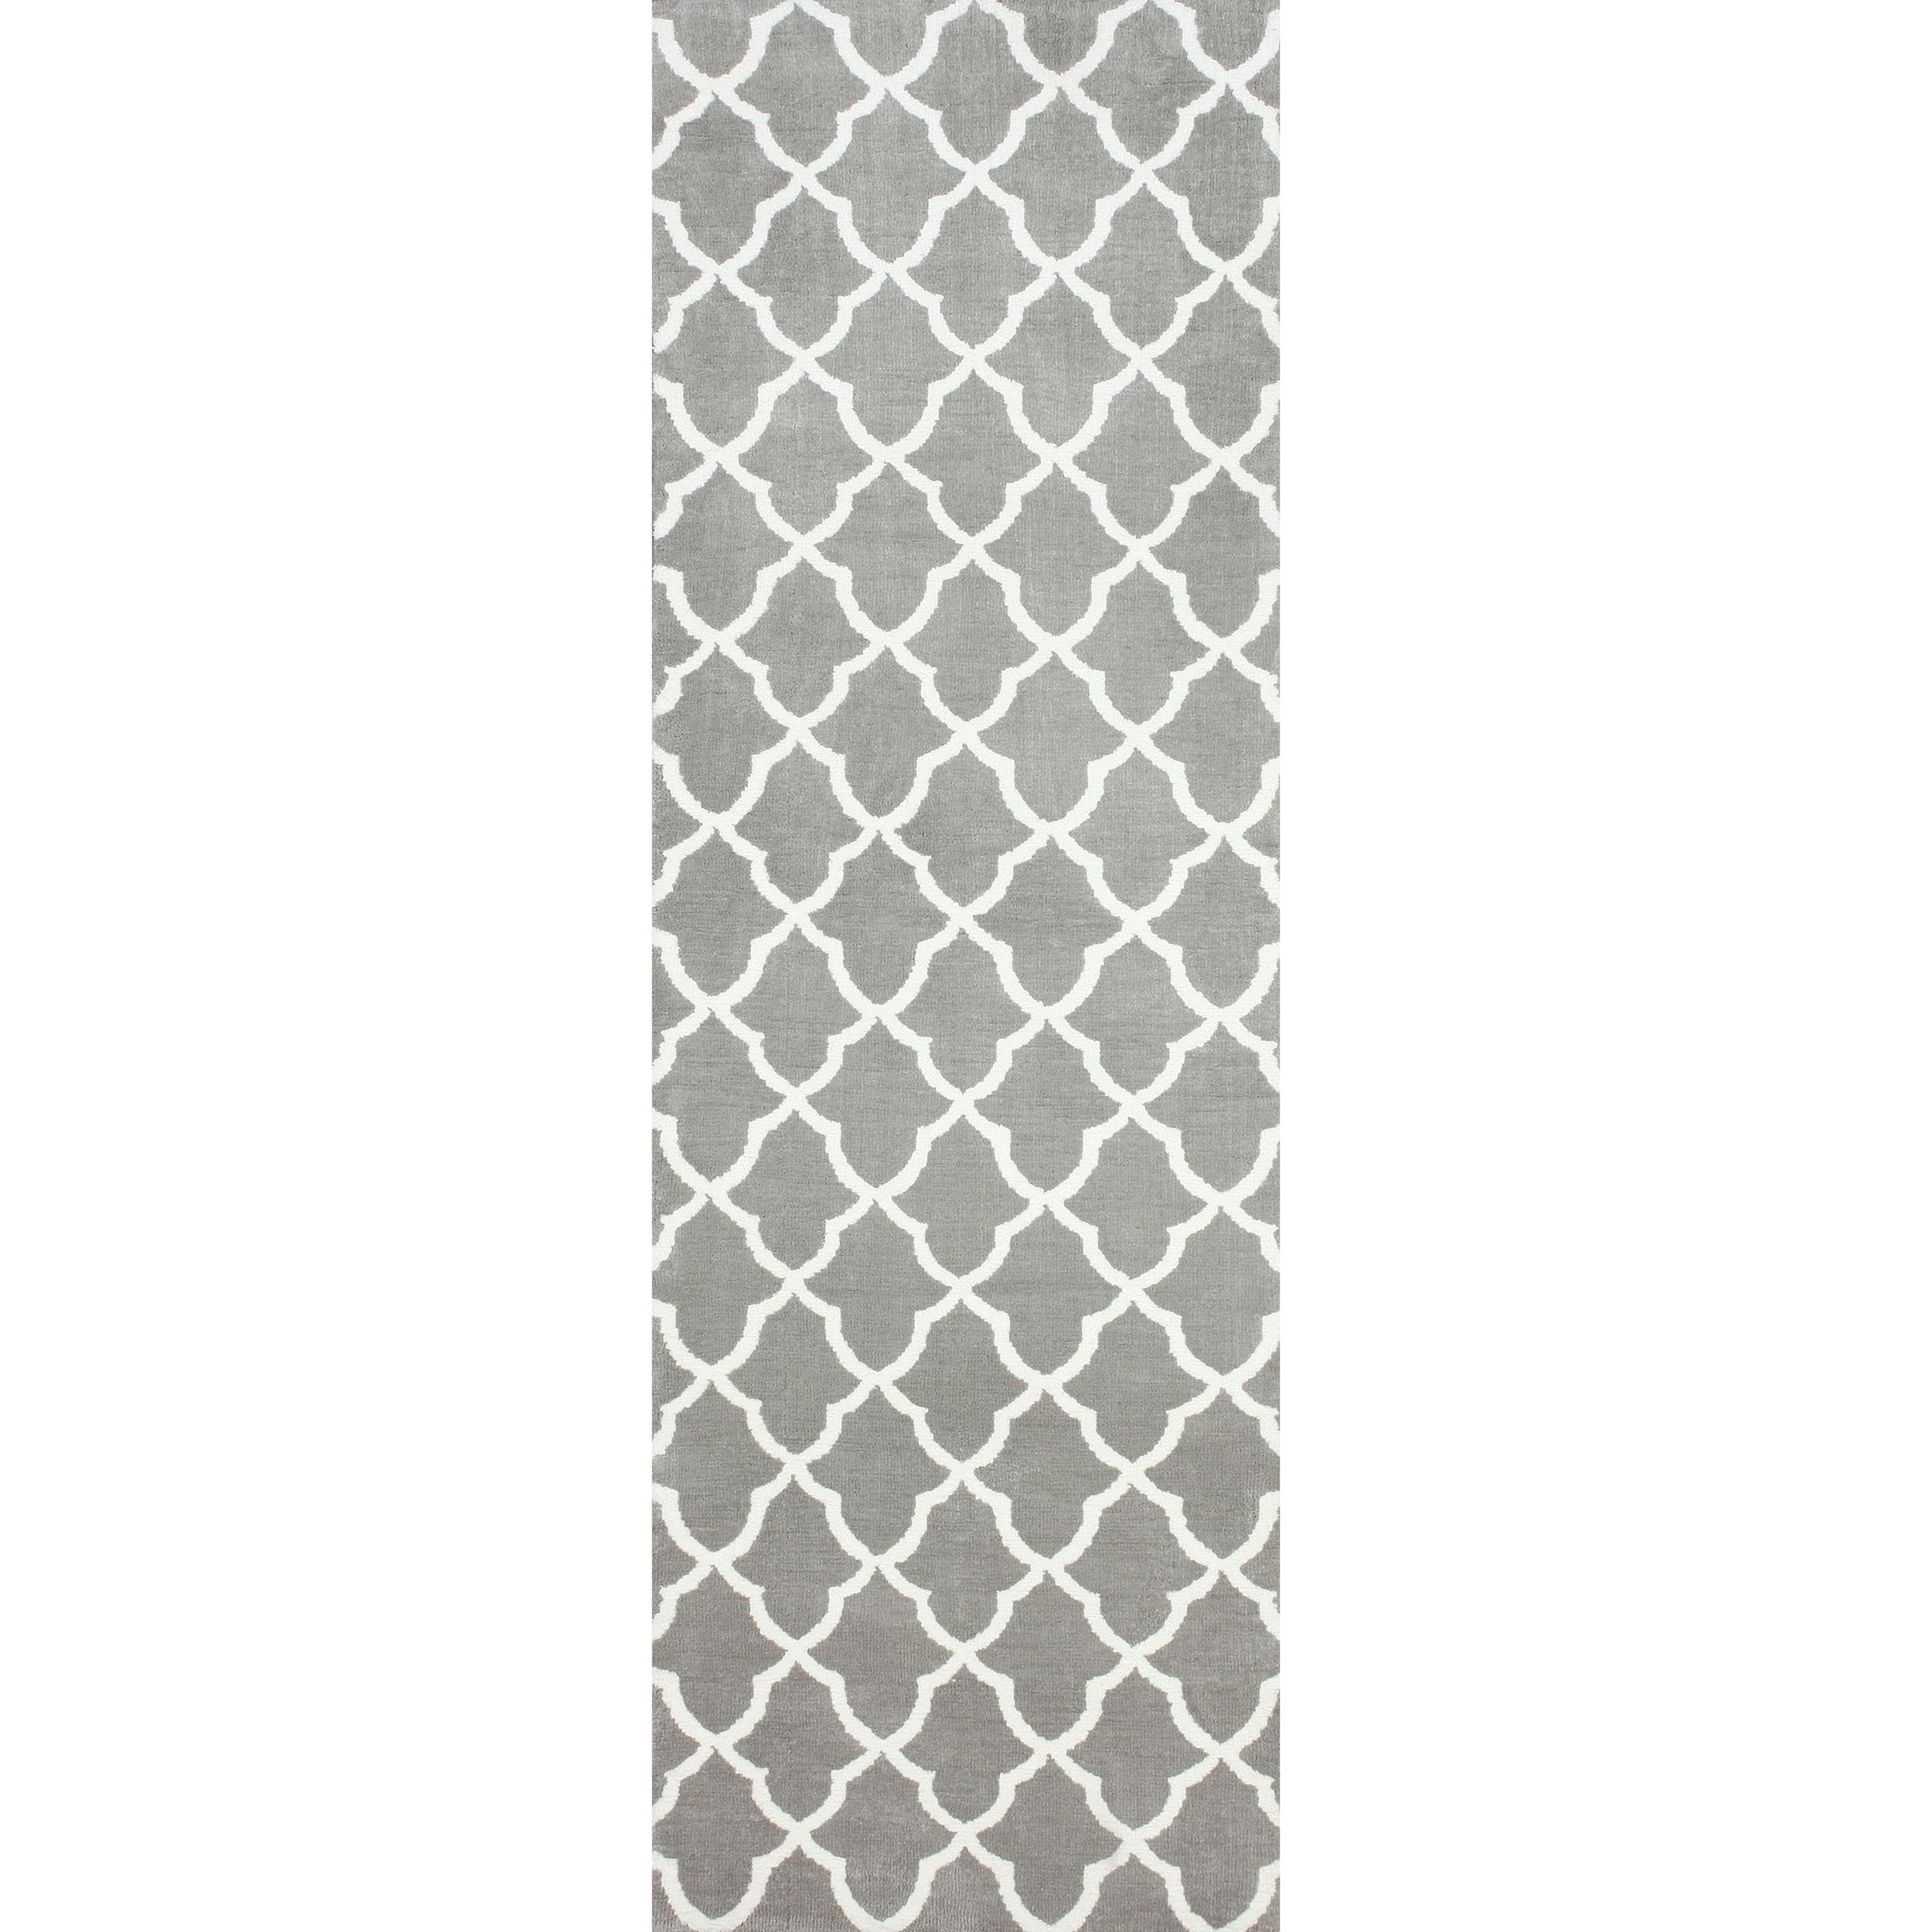 nuLOOM Kitchen Microfiber Grey Trellis Runner 2 6 x 8 Free